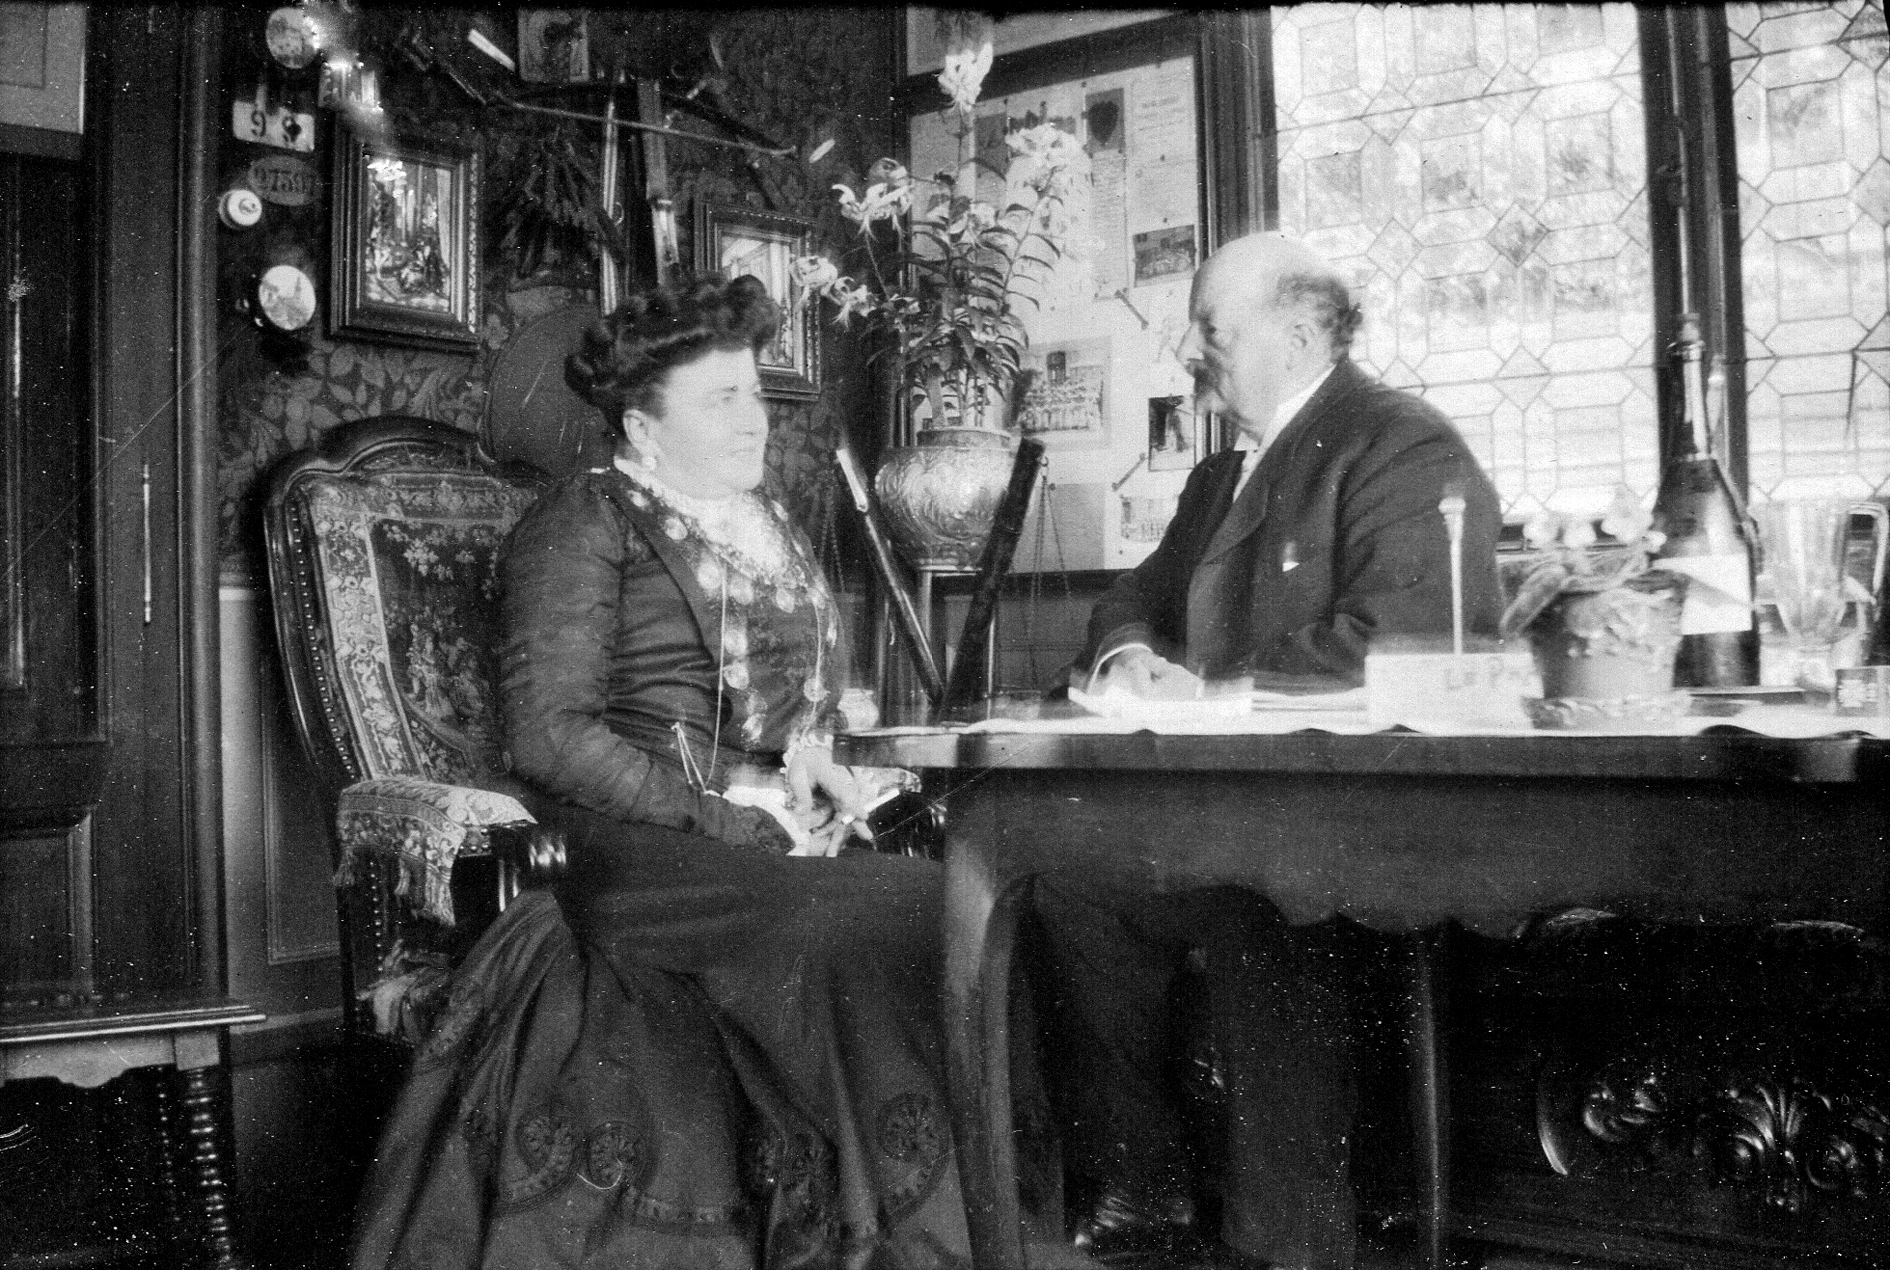 Un int rieur 1900 notre histoire for Interieur 1900